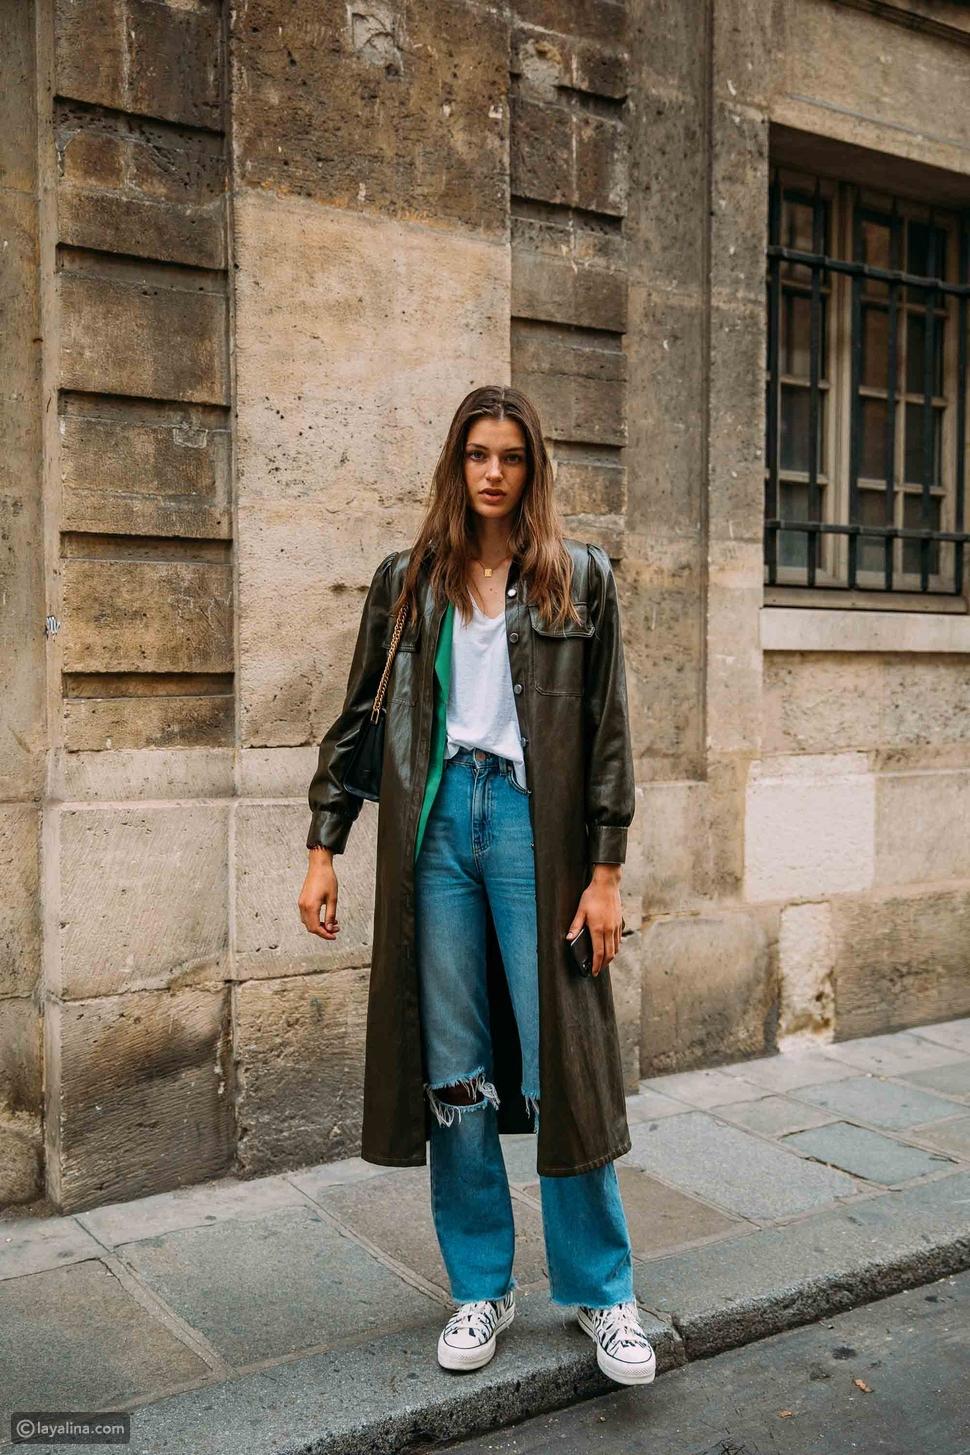 جينز واسع مع معطف طويل من الجلد